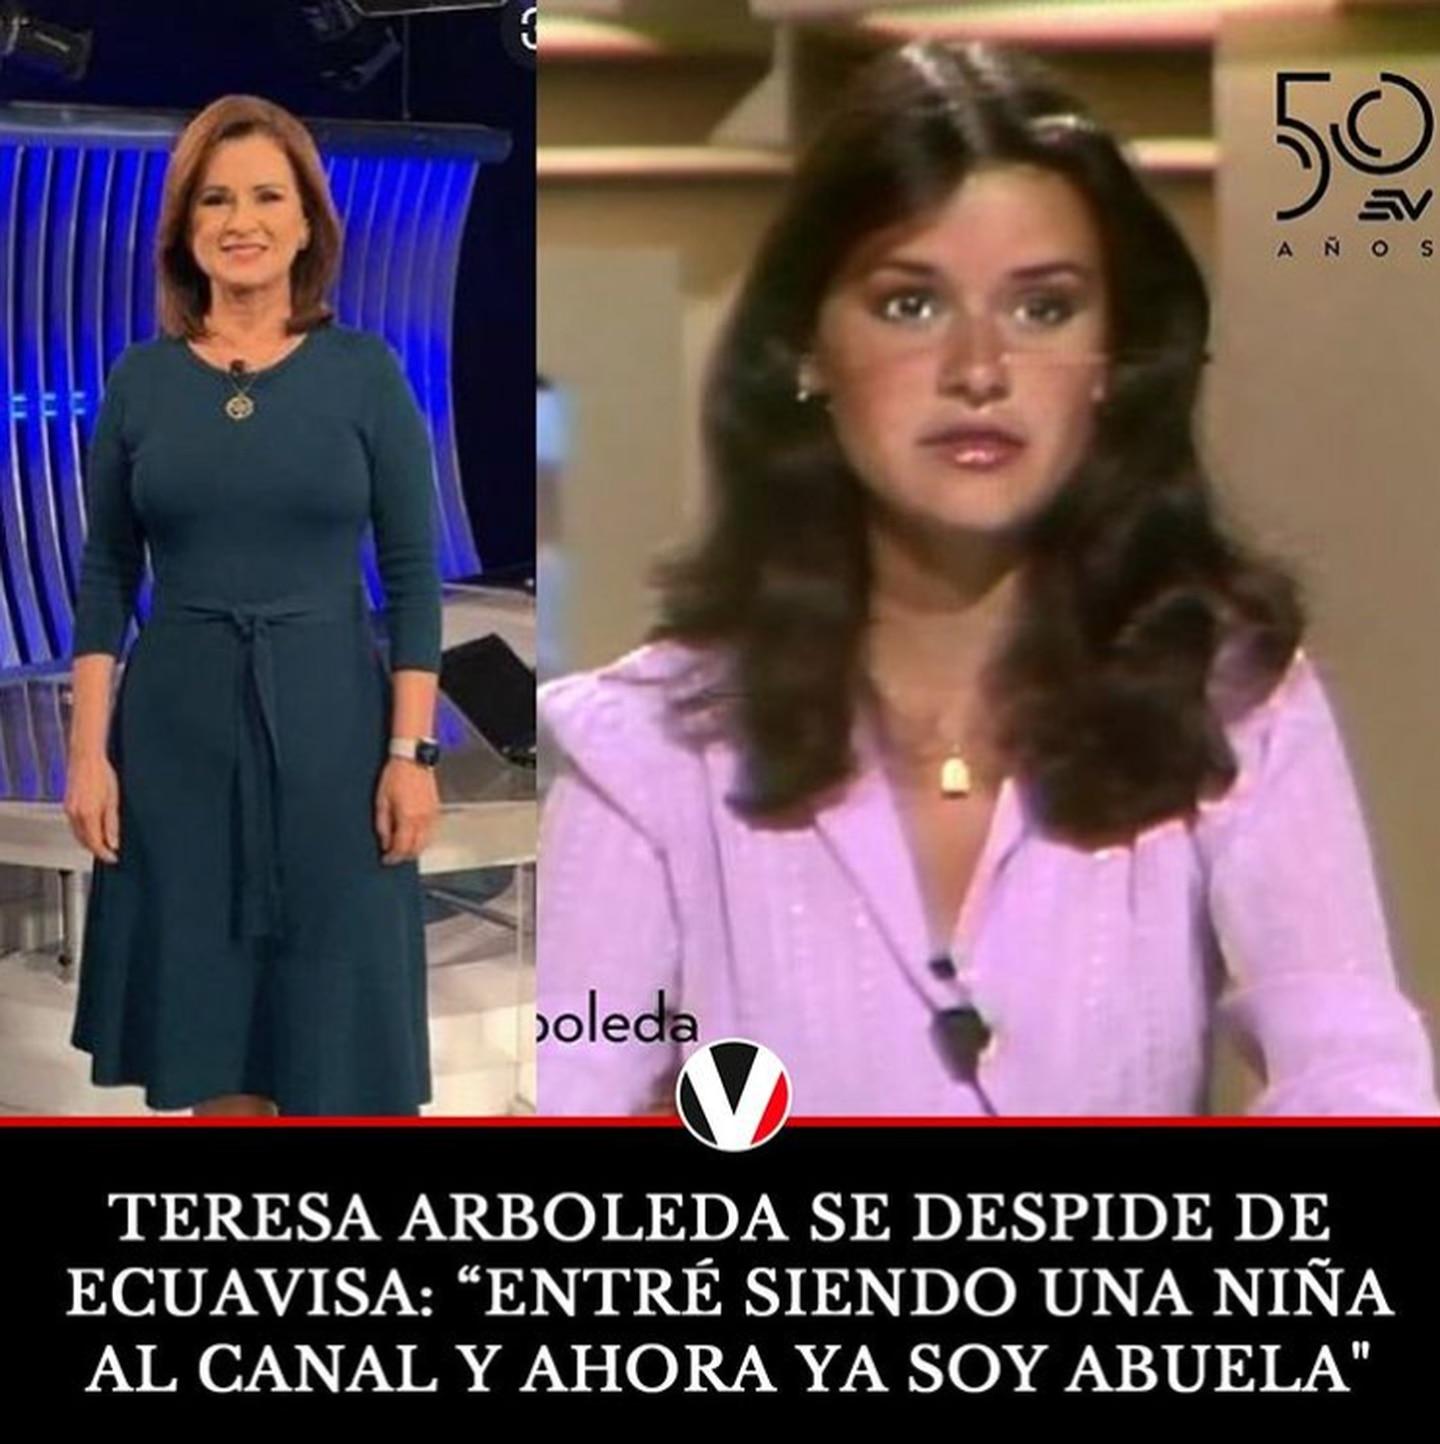 Teresa Arboleda en Ecuavisa Antes - Después